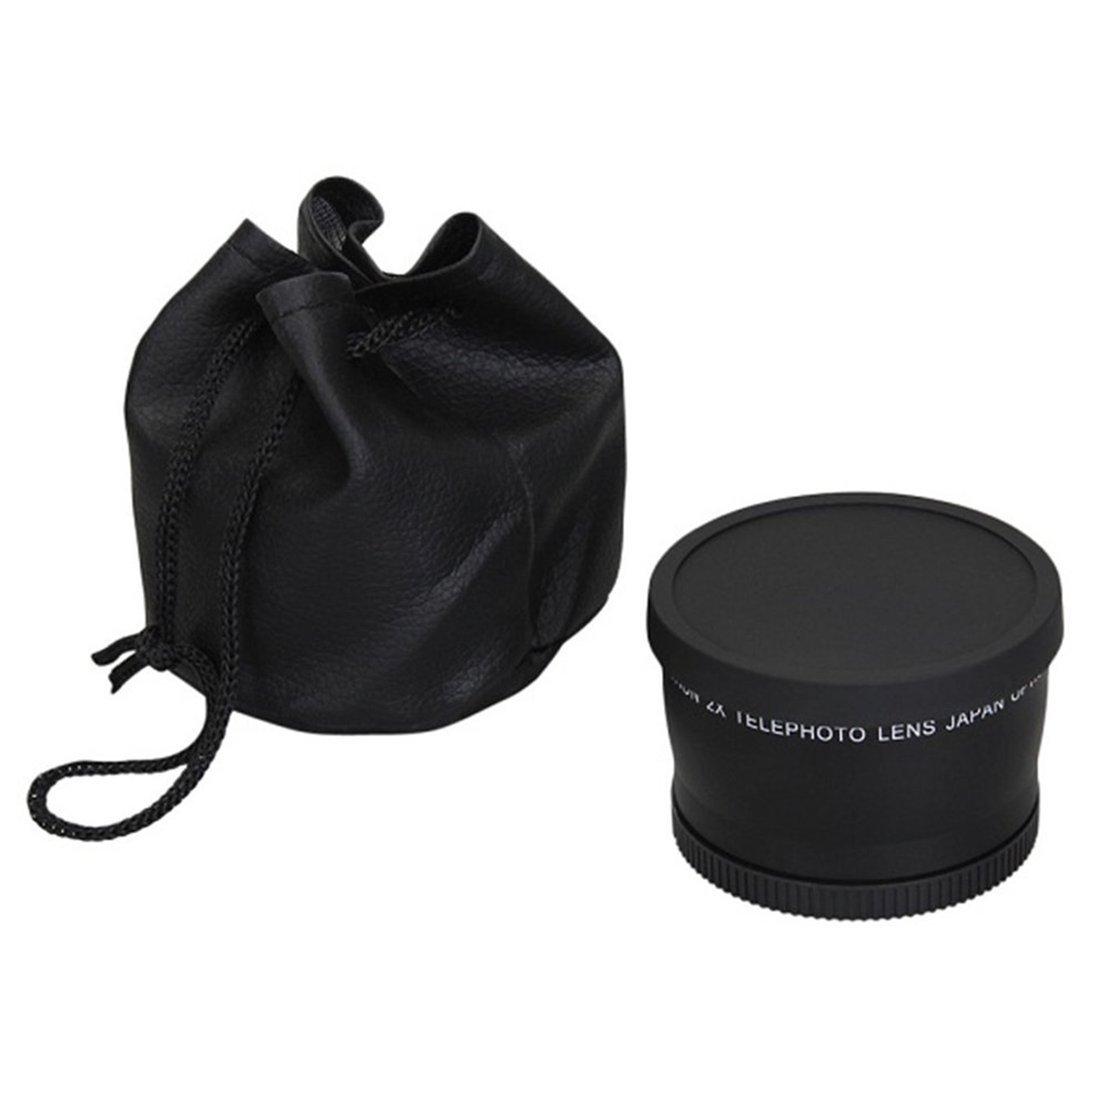 52mm 52mm Nikon 58mm 2.0x 望遠レンズ 望遠レンズ Nikon D90 D80 D700 D3000 D3100 D3200 D5000 D5100 D5200 18-55mm デジタル一眼レフカメラ用 B07G9V12KW, 関東土建shop:3e06334a --- ijpba.info